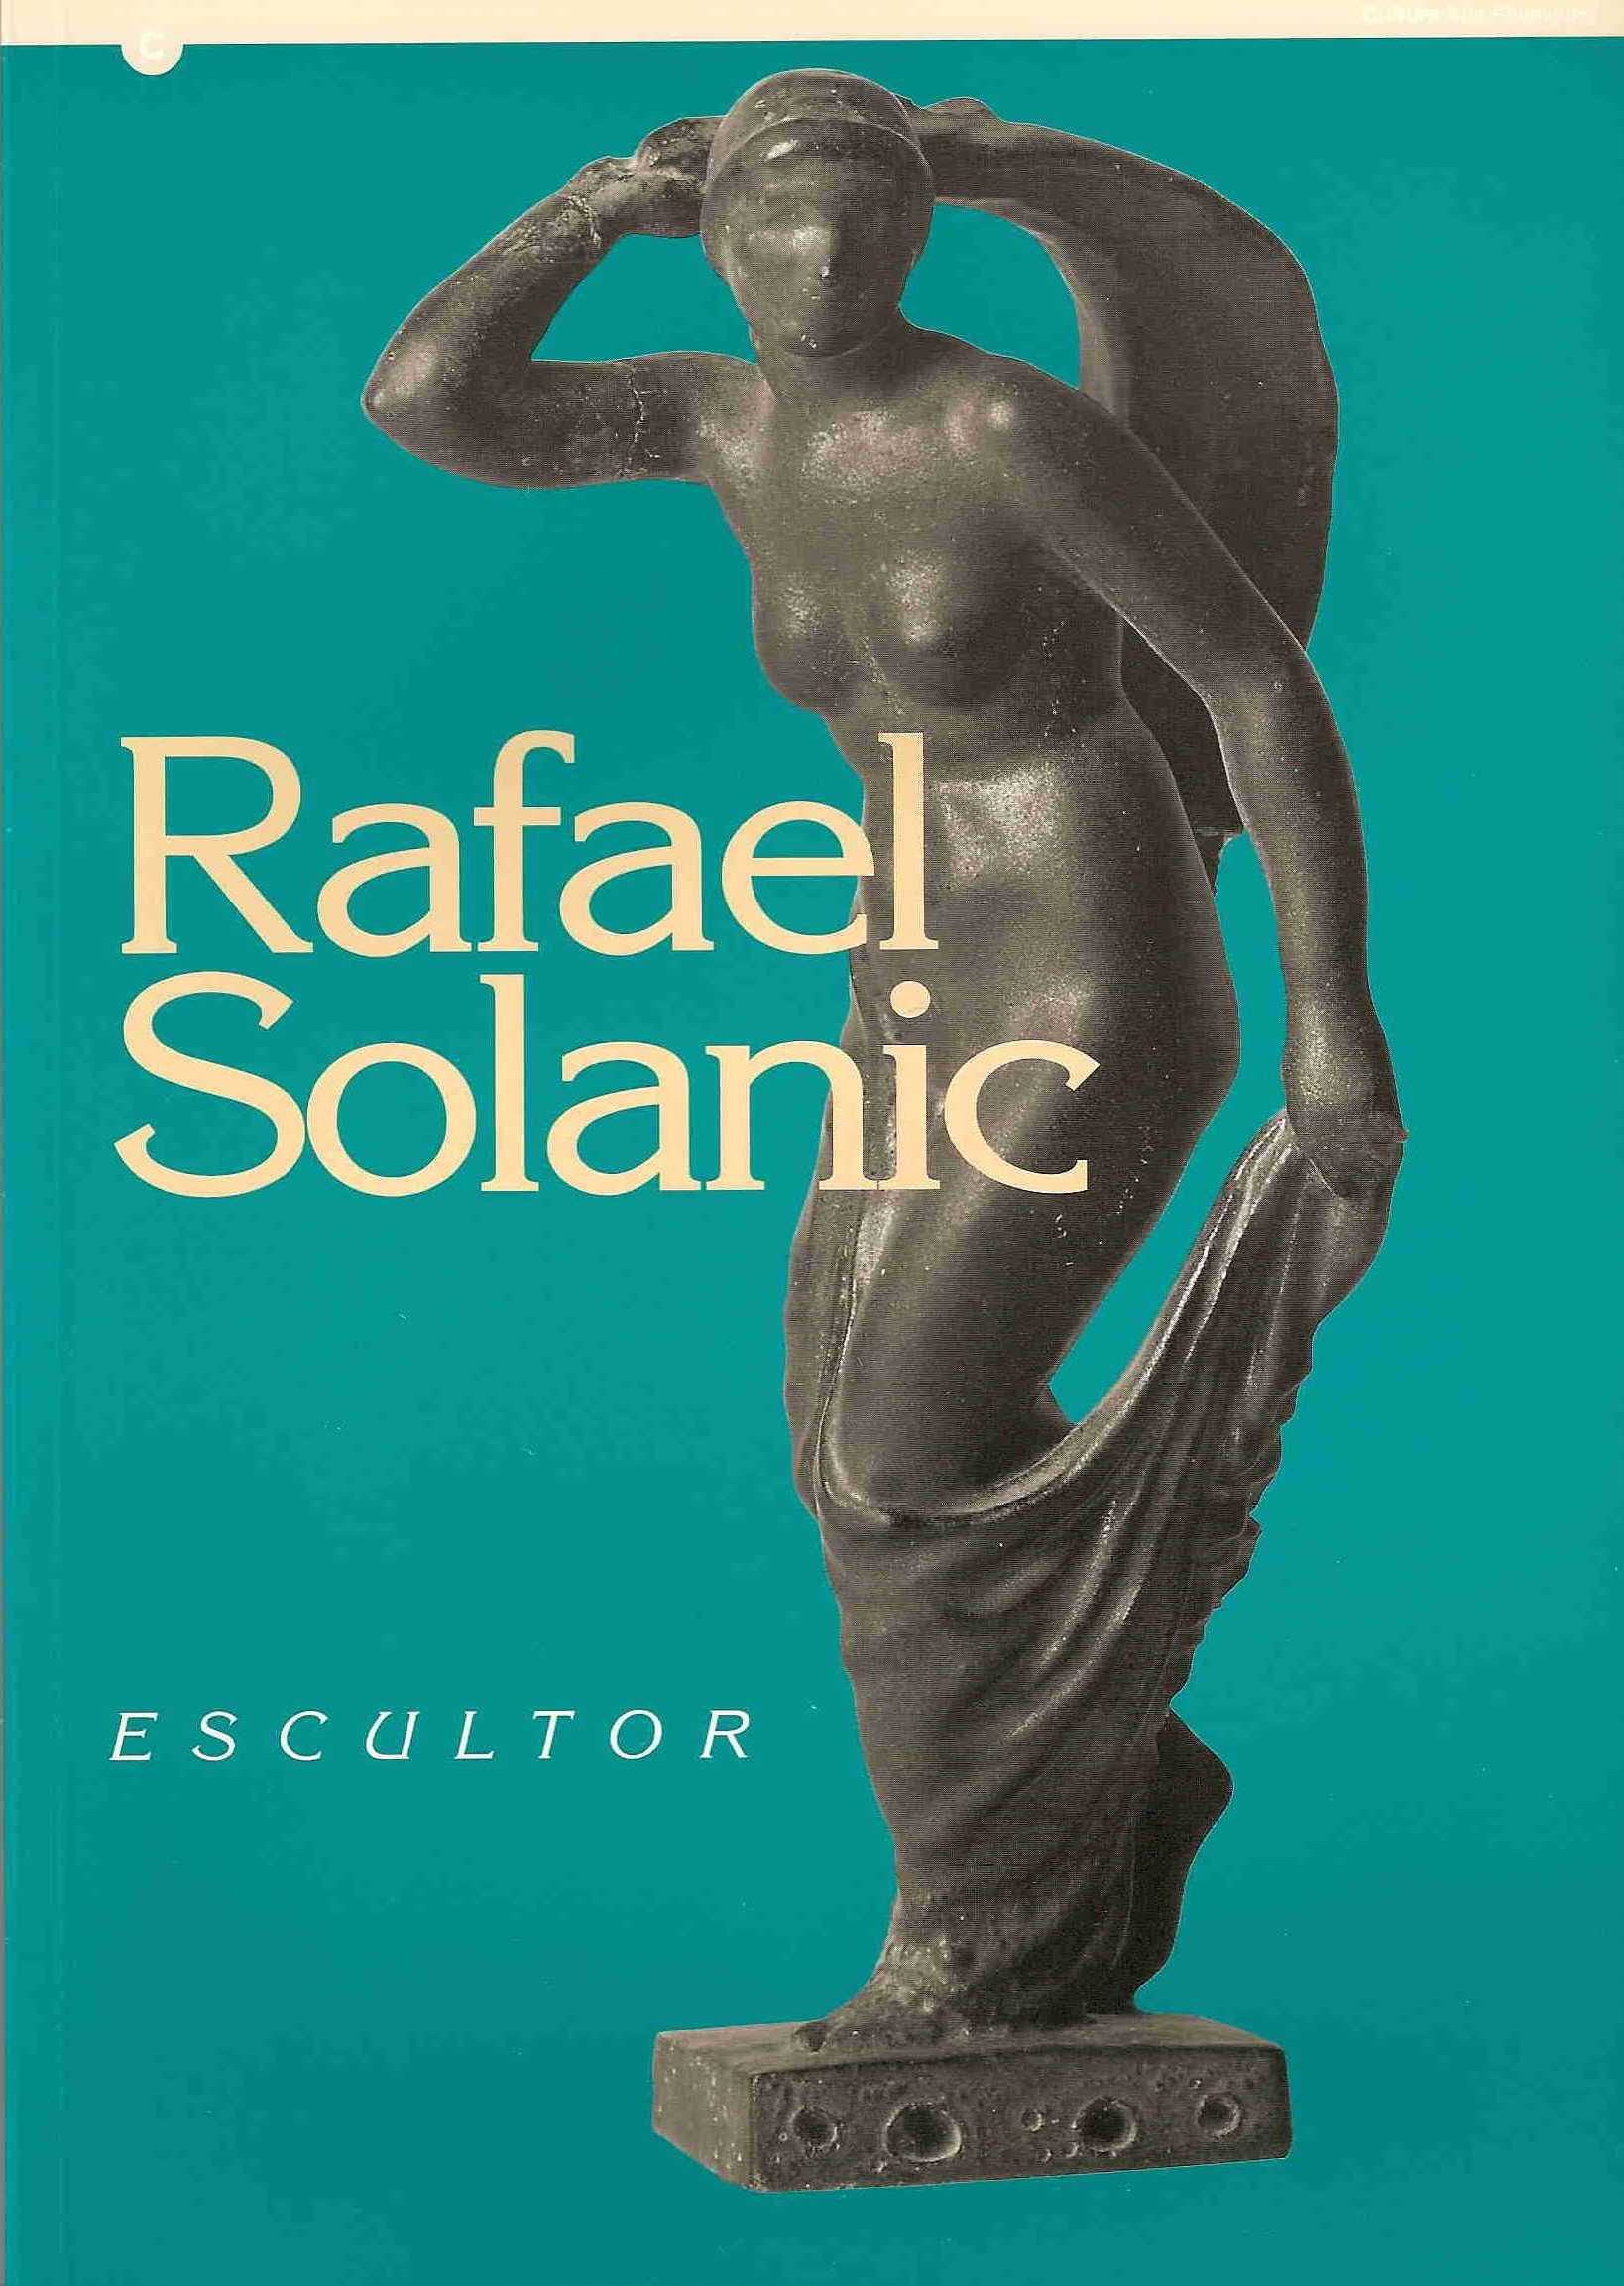 RAFAEL SOLANIC. ESCULTOR